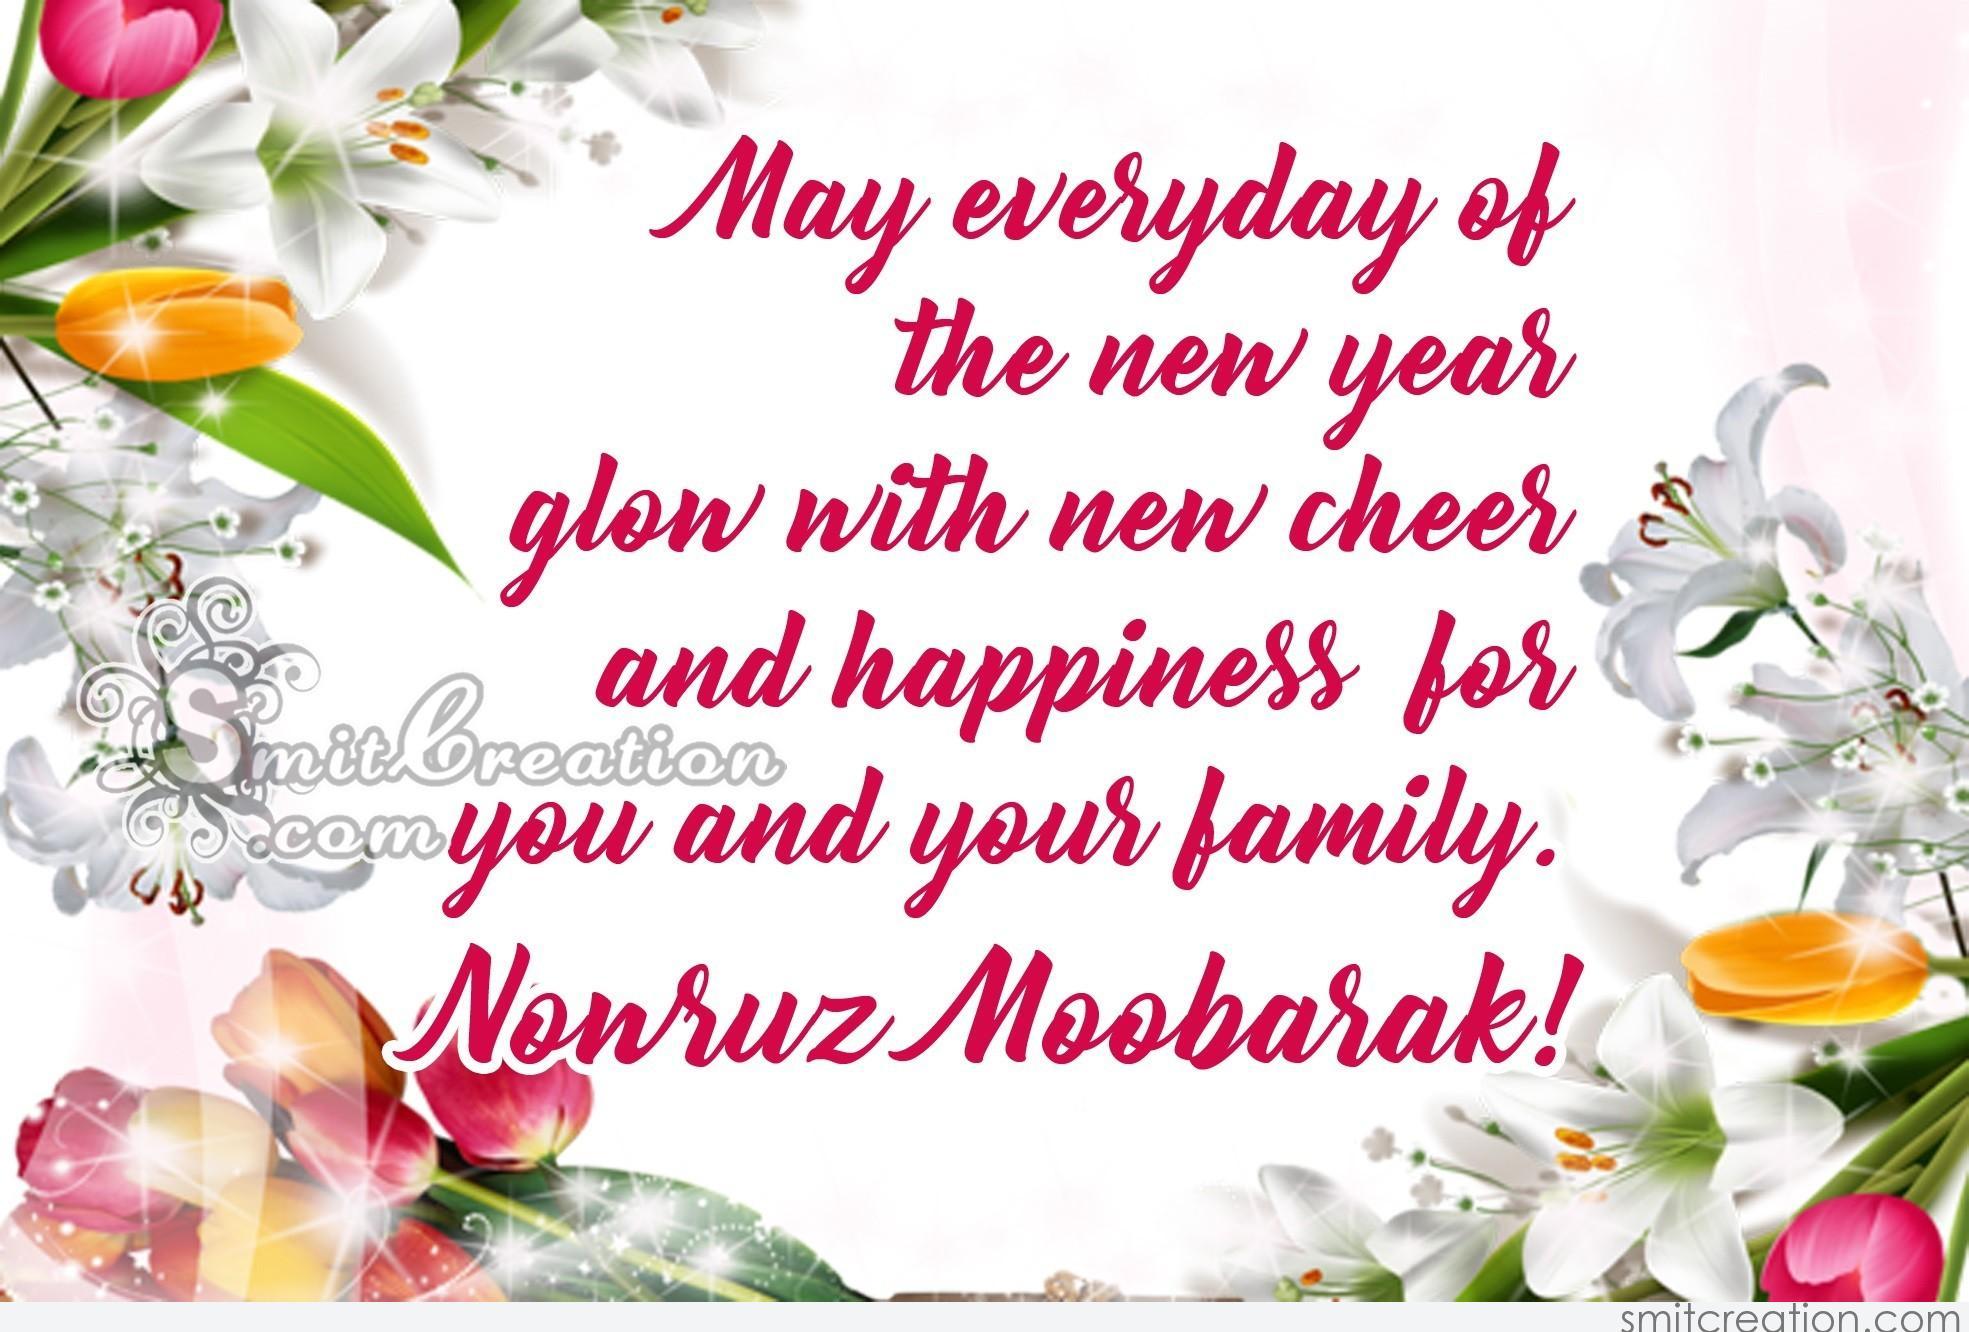 Nowruz Moobarak! SmitCreation Com